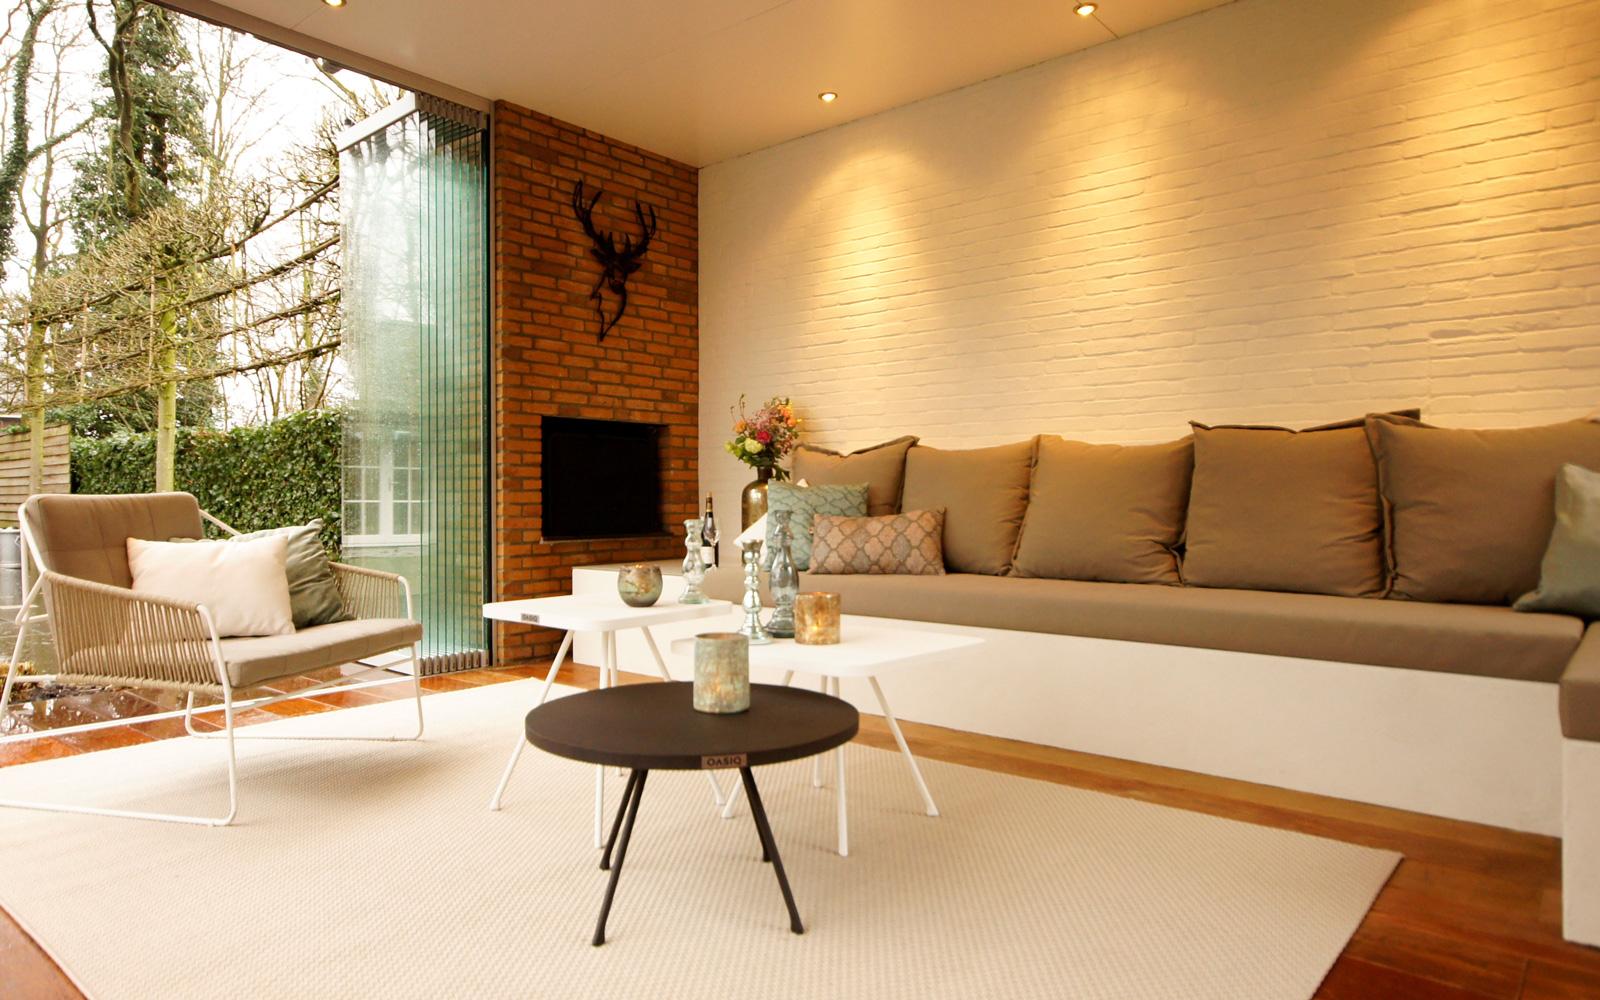 Exclusief wonen, The art of living, Interieuradvies en ontwerpbureau Nanne Schuiveling, Langens & Langens Interieur en Exterieur, Design meubelen, Decoratie